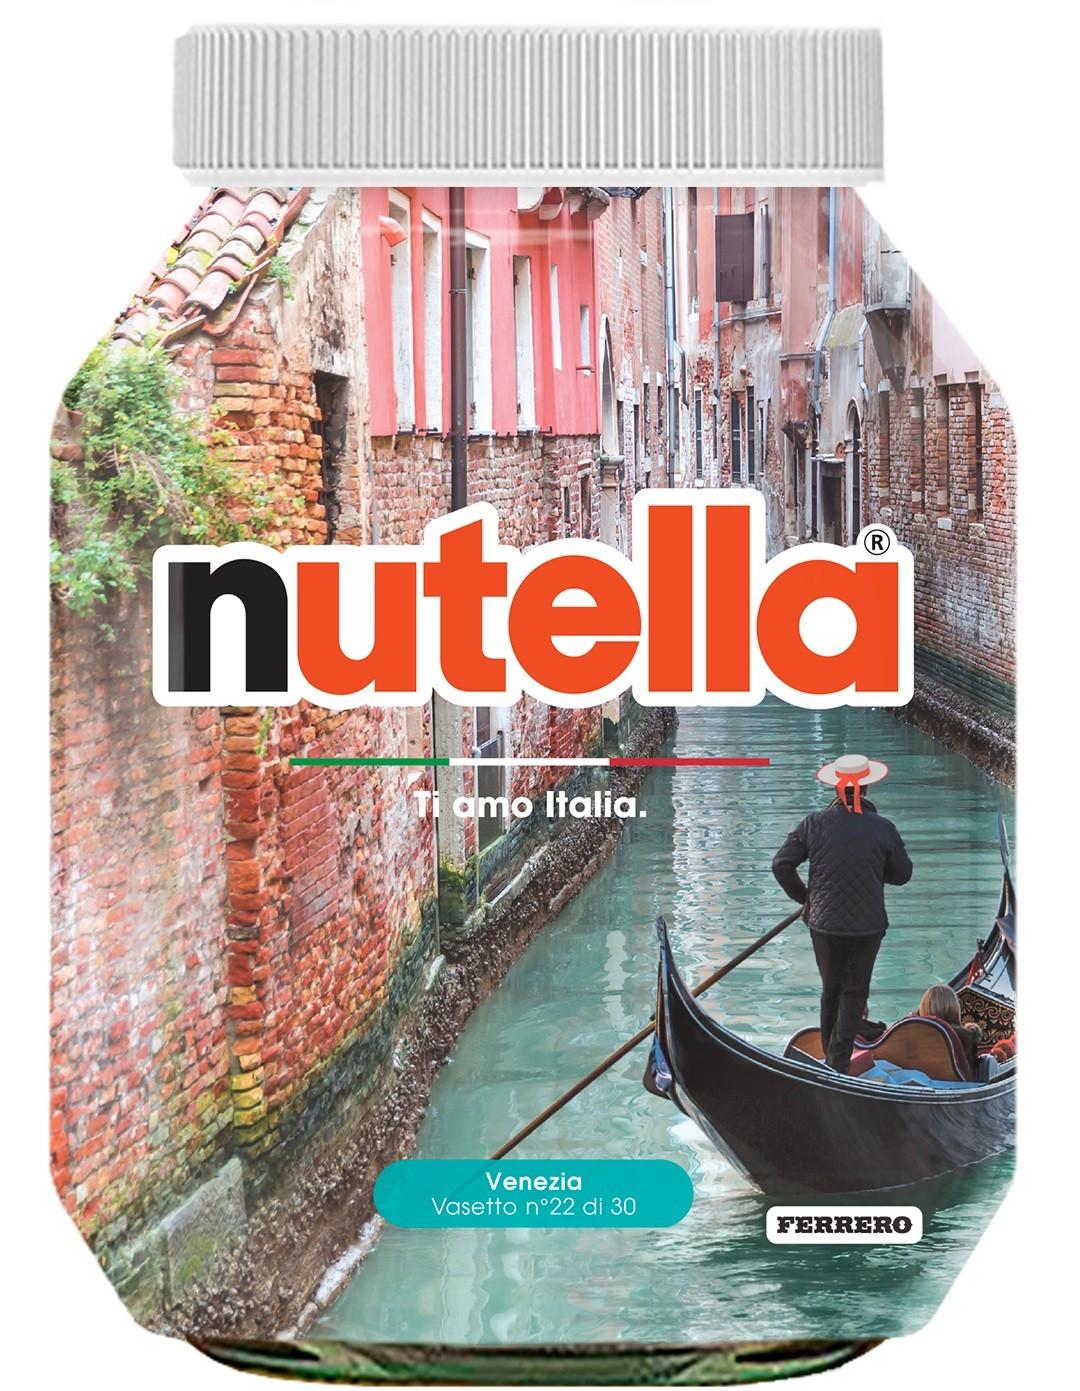 Nutella 22 Veneto Venezia